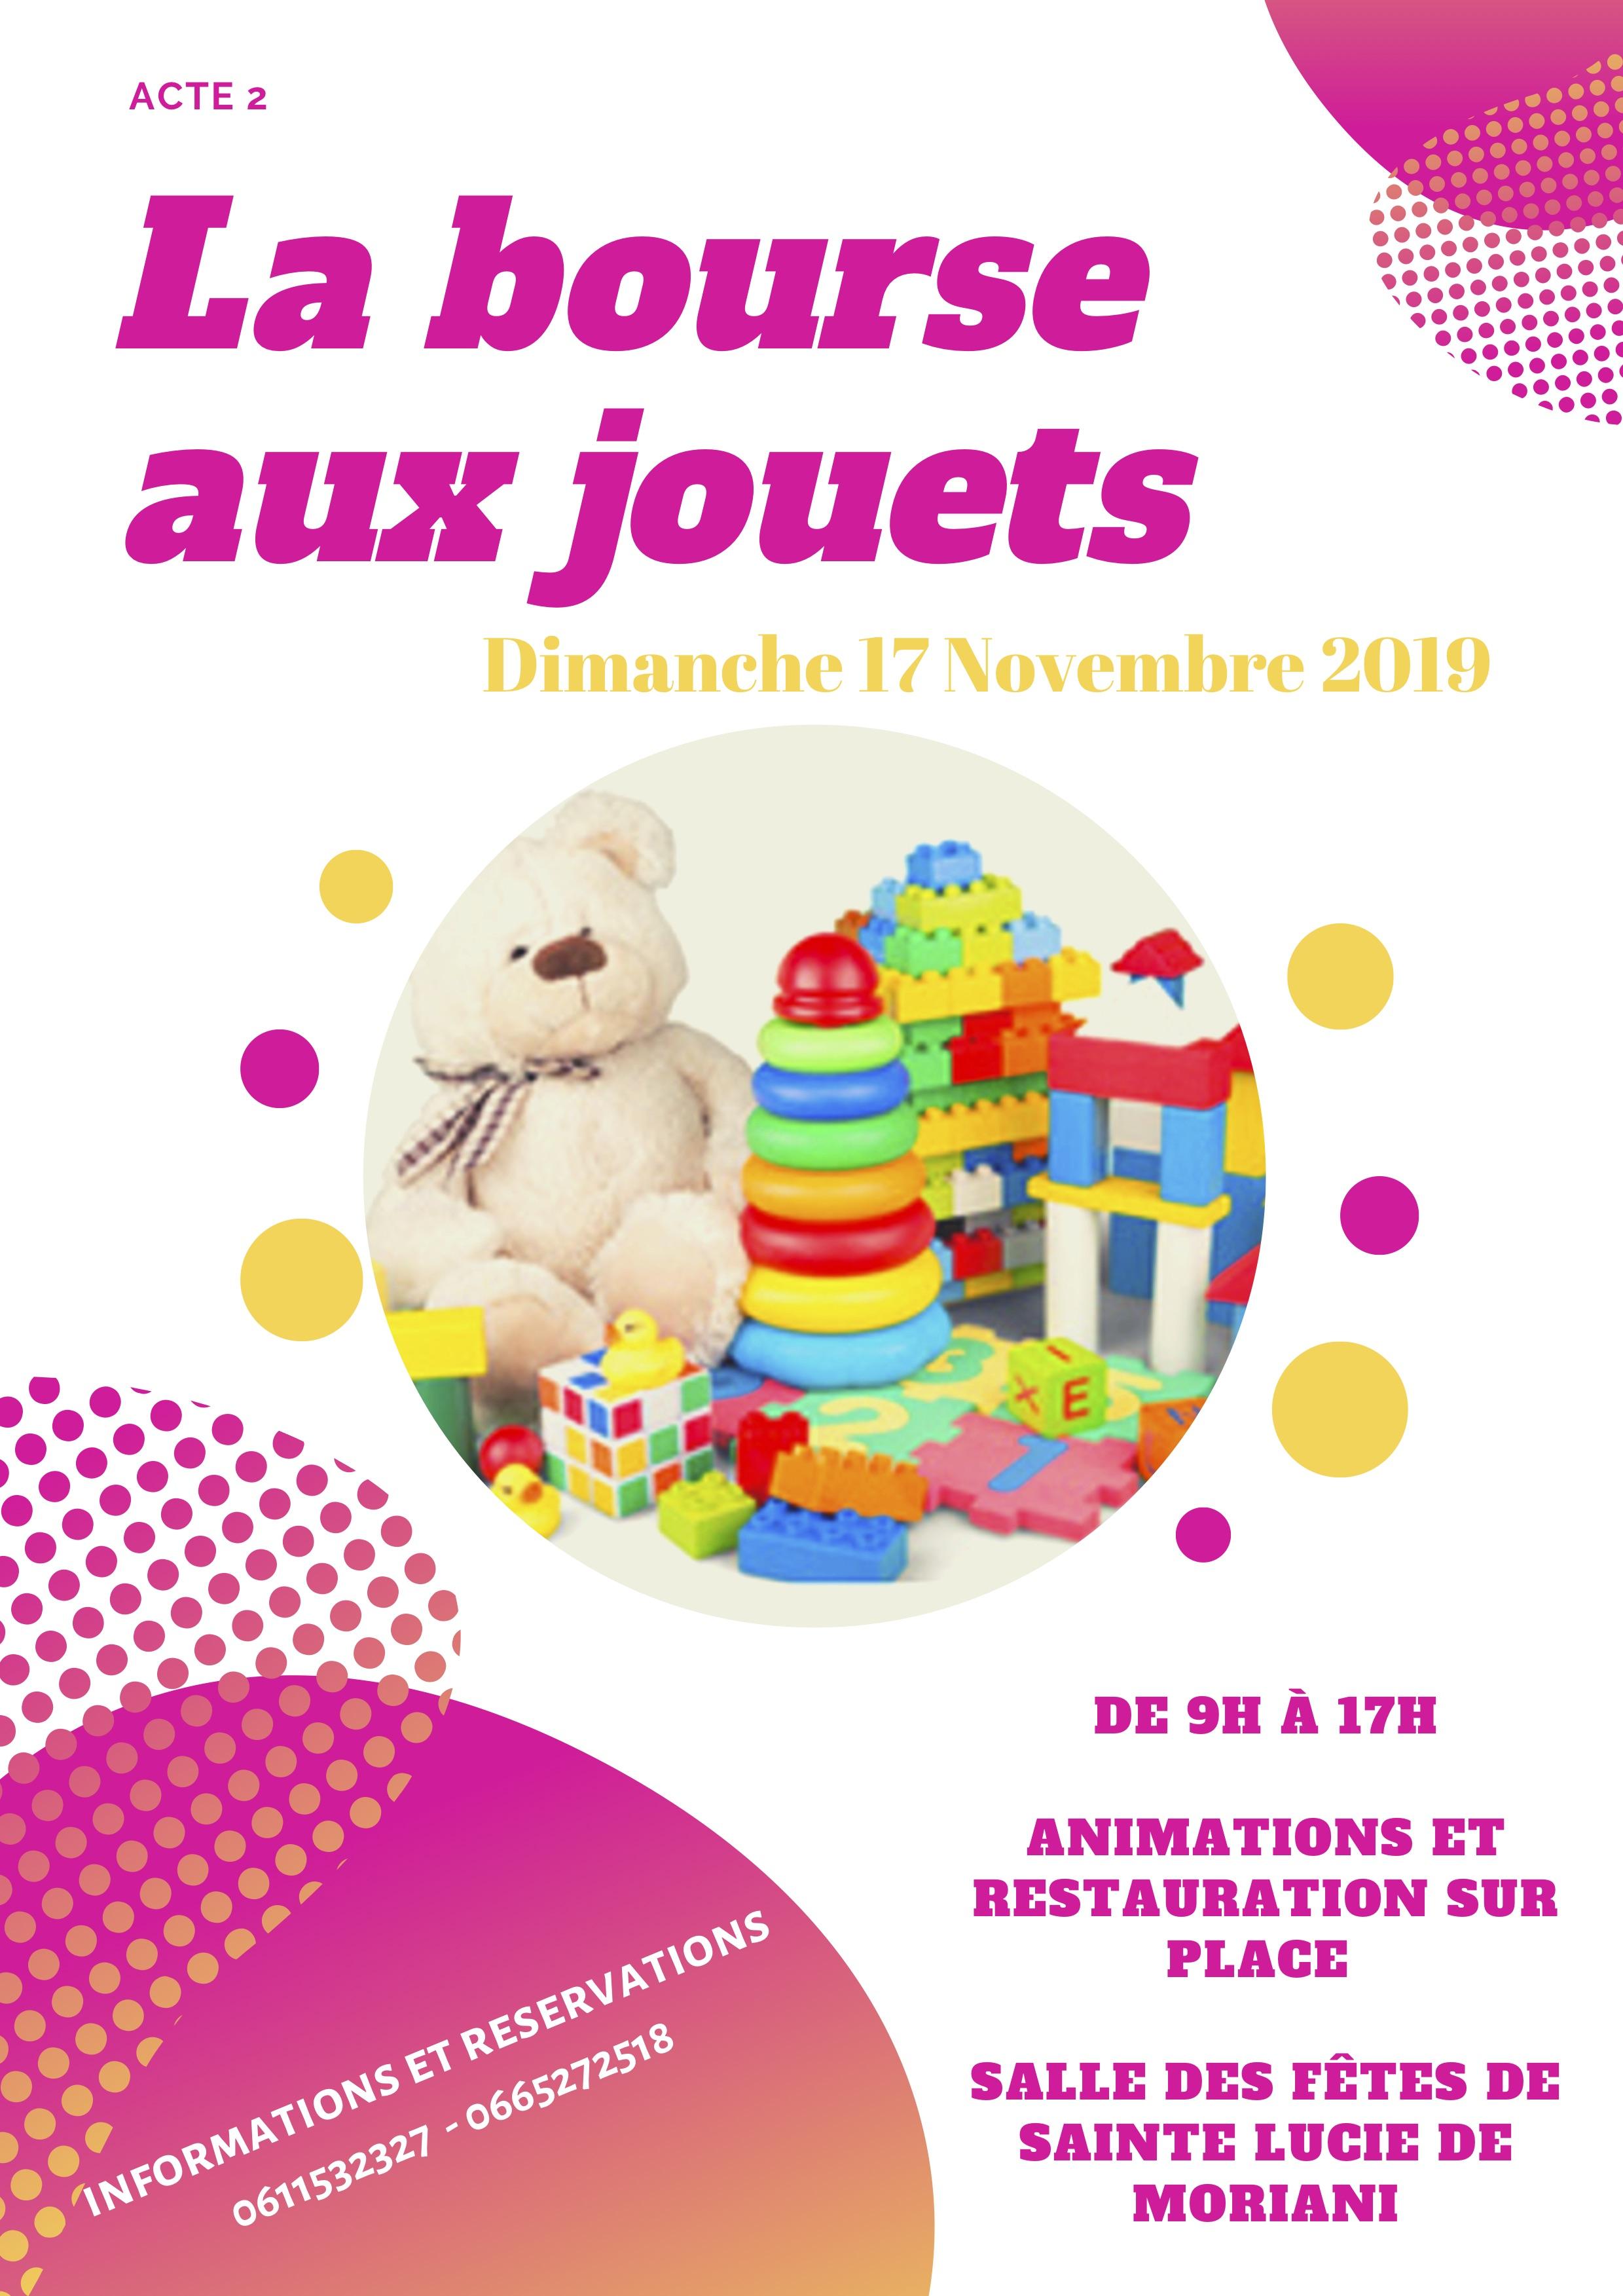 """Moriani : l'acte 2 de la """"Bourse aux jouets"""" c'est dimanche 17 novembre"""